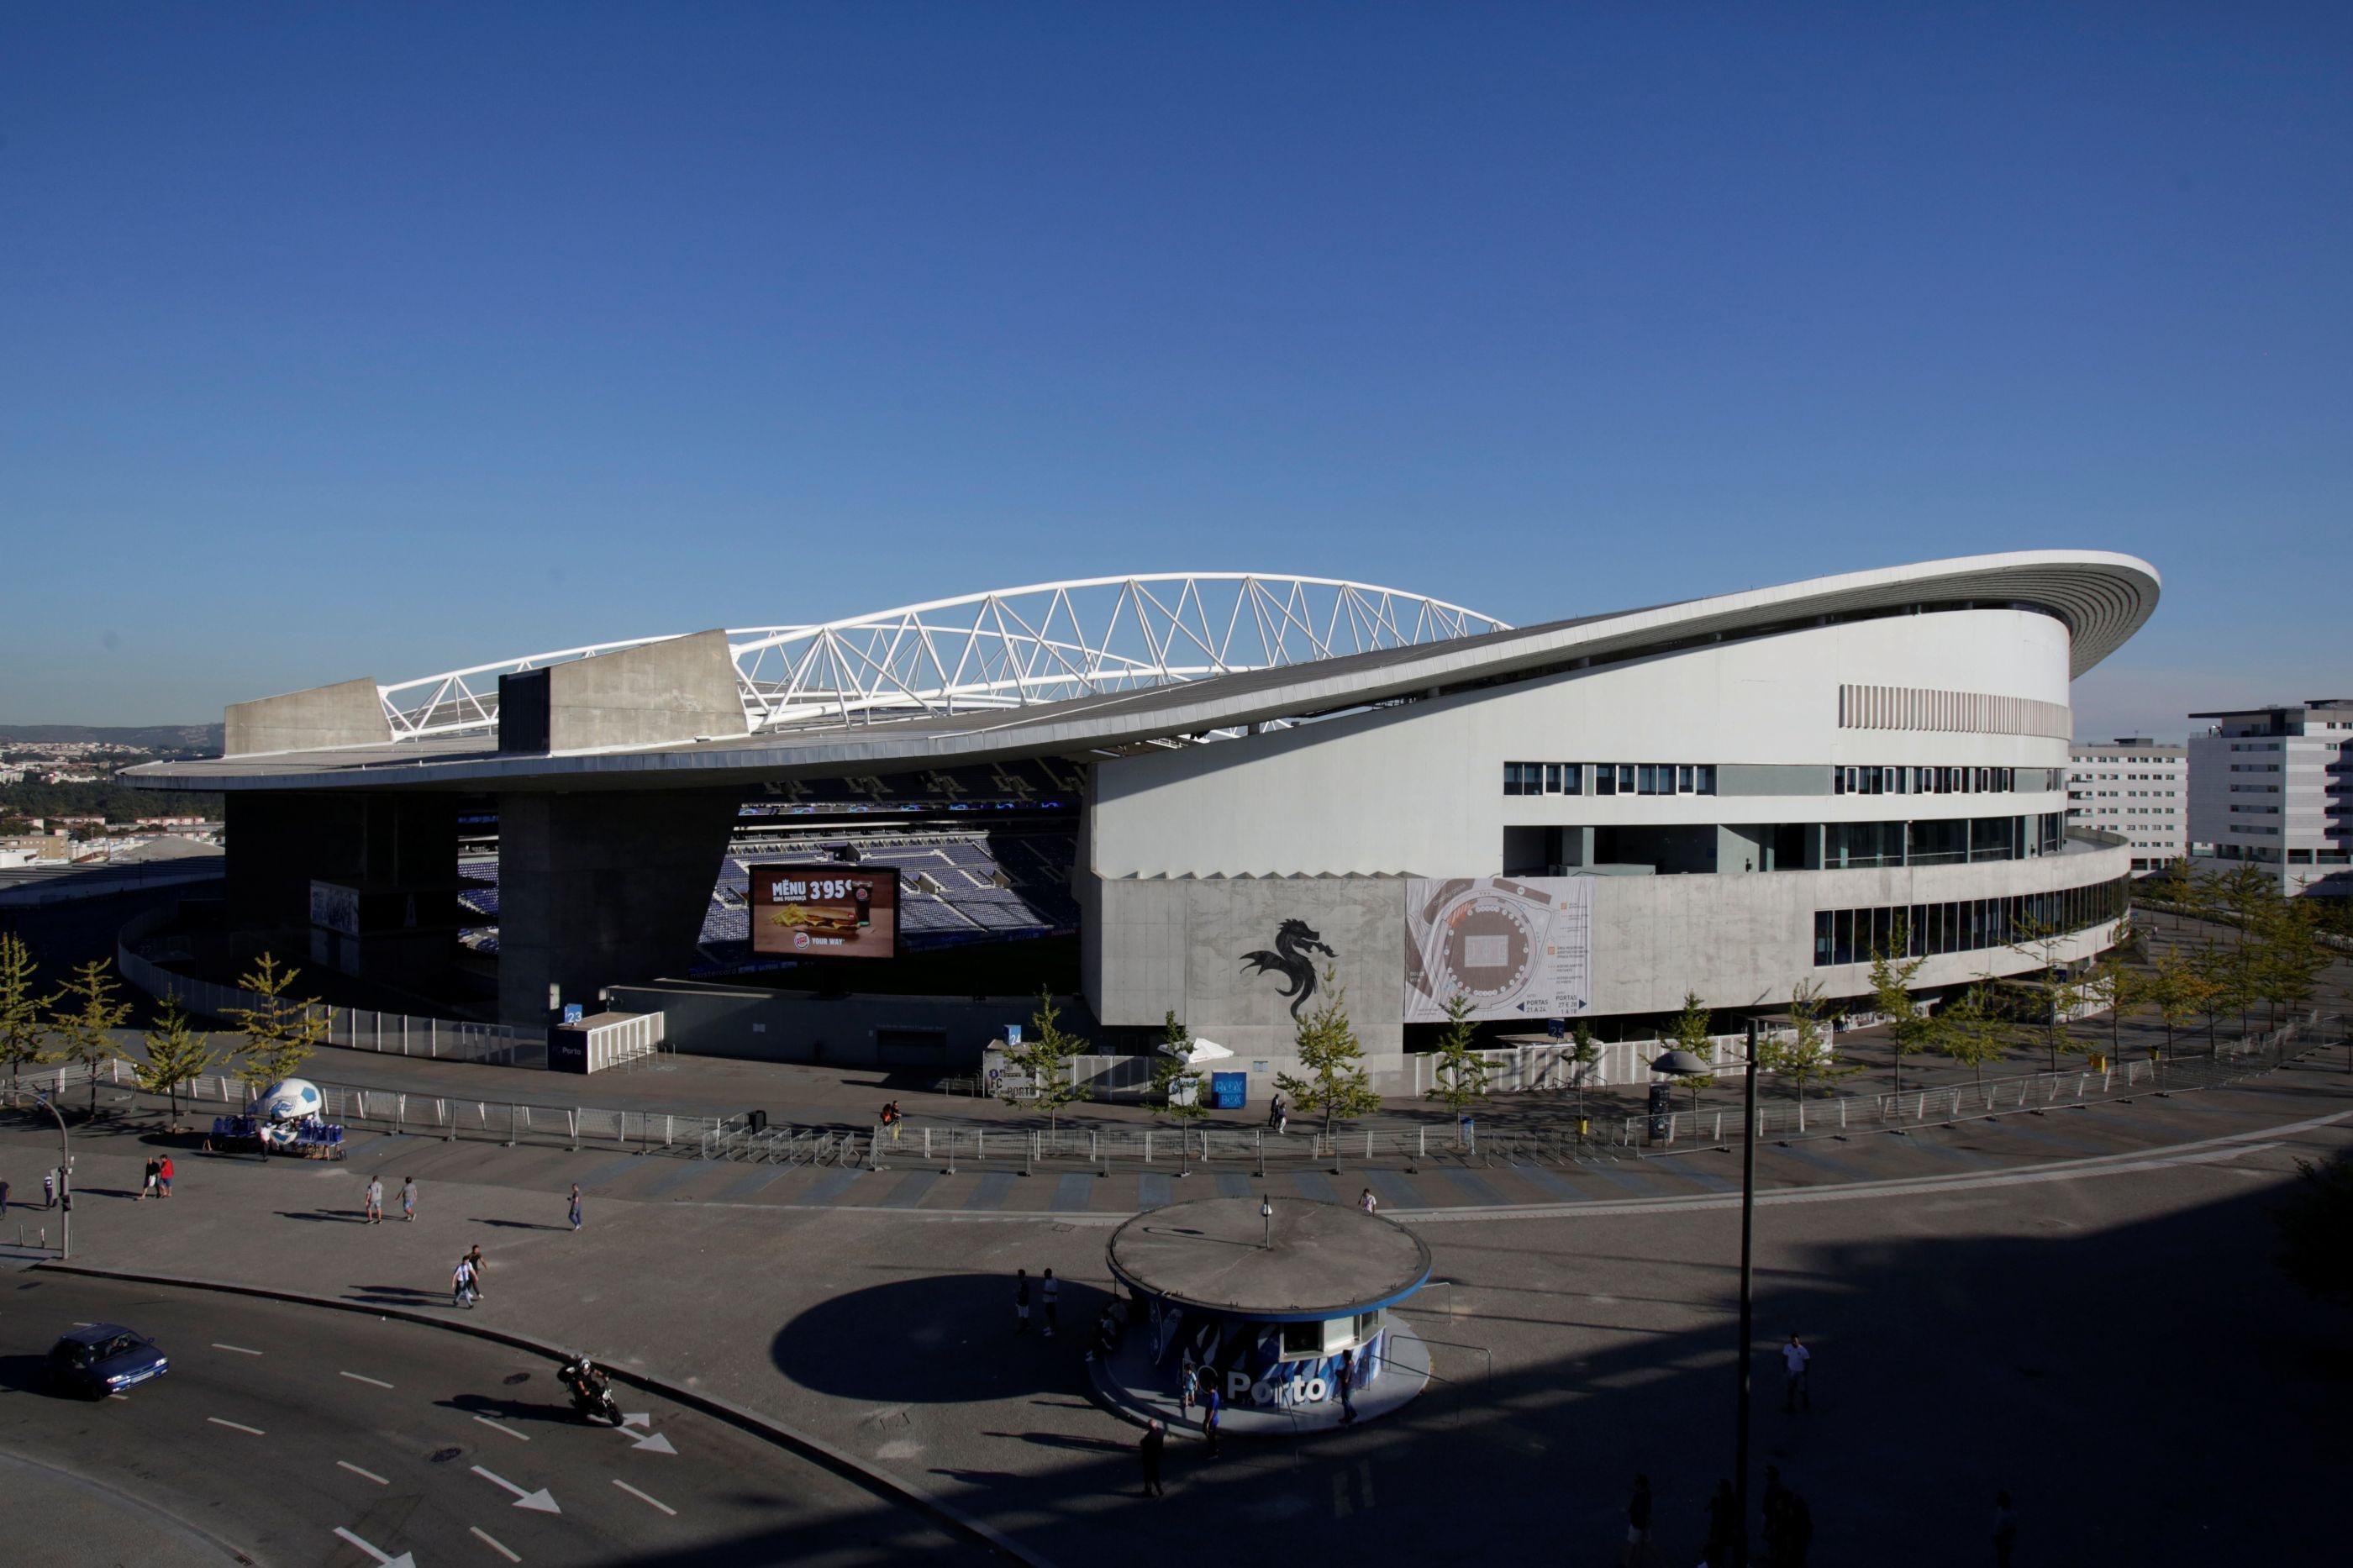 UEFA confirma final four em Portugal: Eis as datas e os estádios